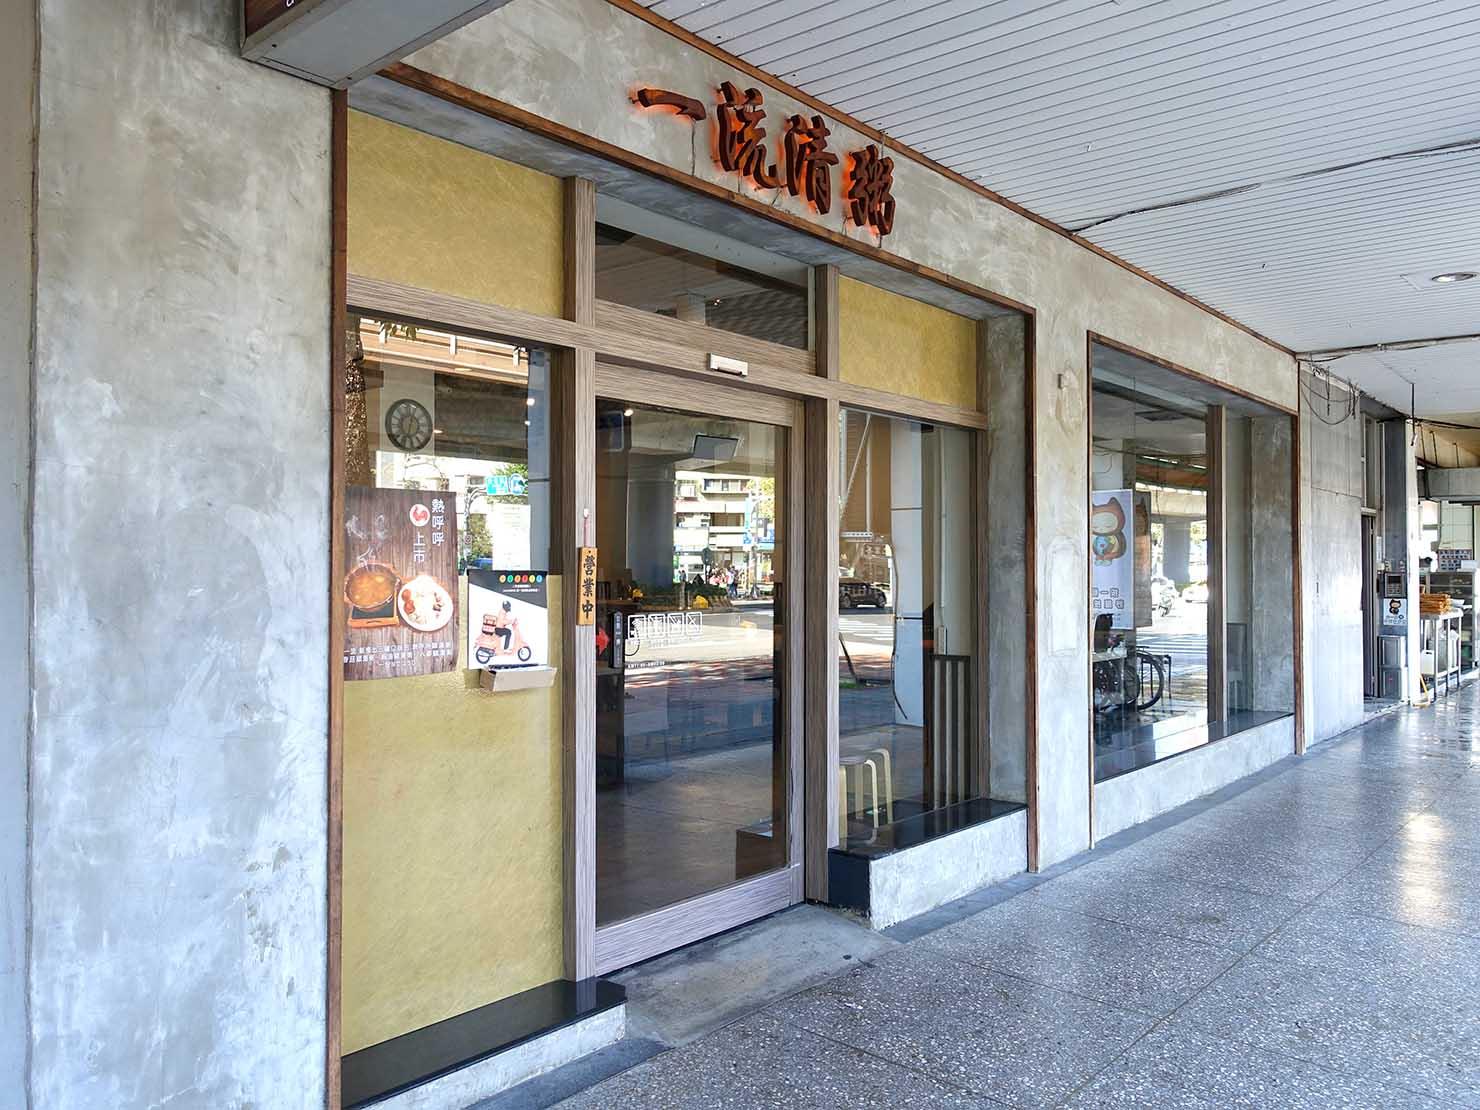 台北・清粥街(お粥街)にある「一流清粥小菜」の外観